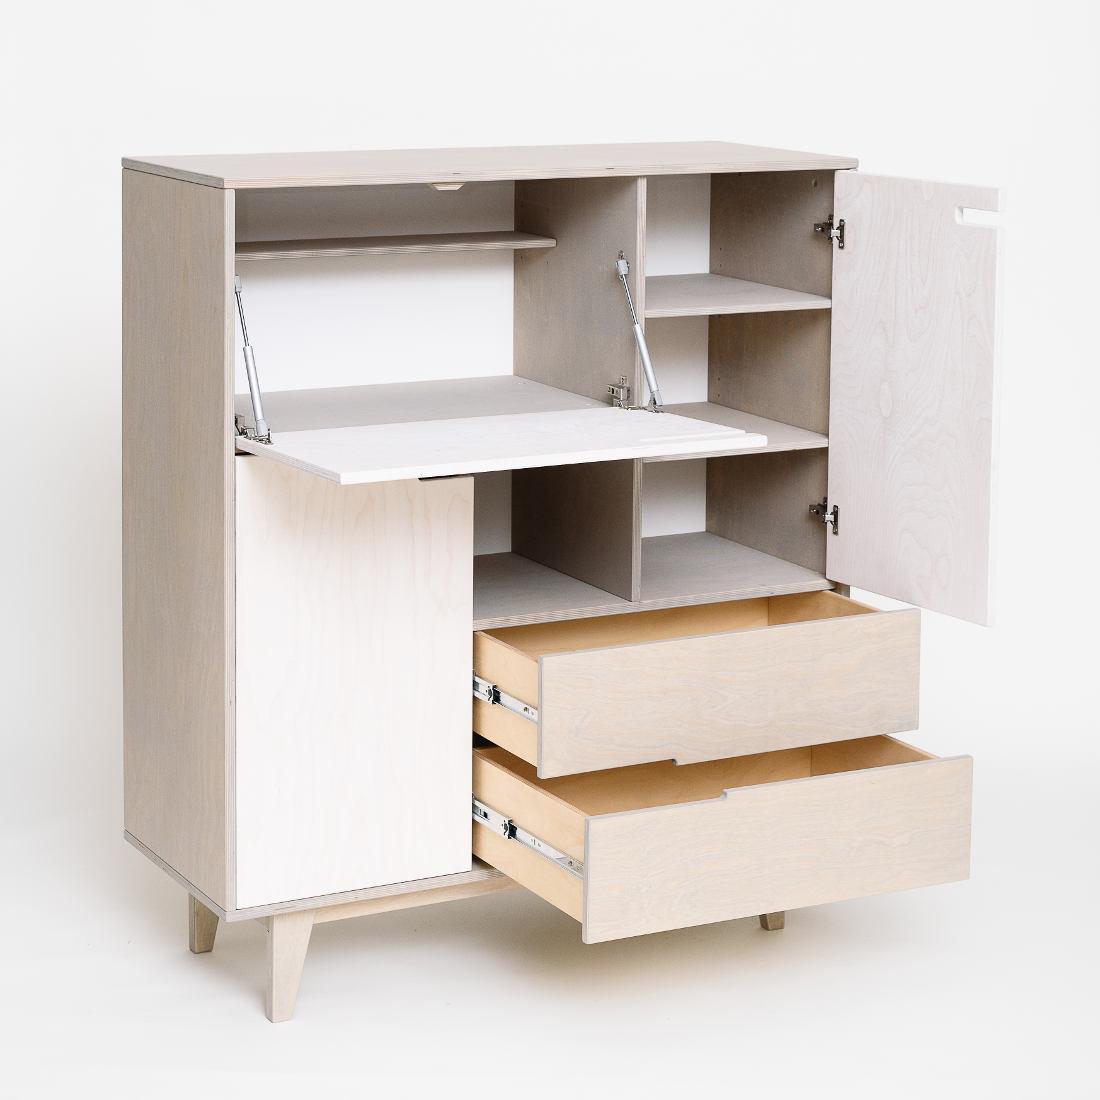 Highboard & Kommode für Küche & Wohnzimmer